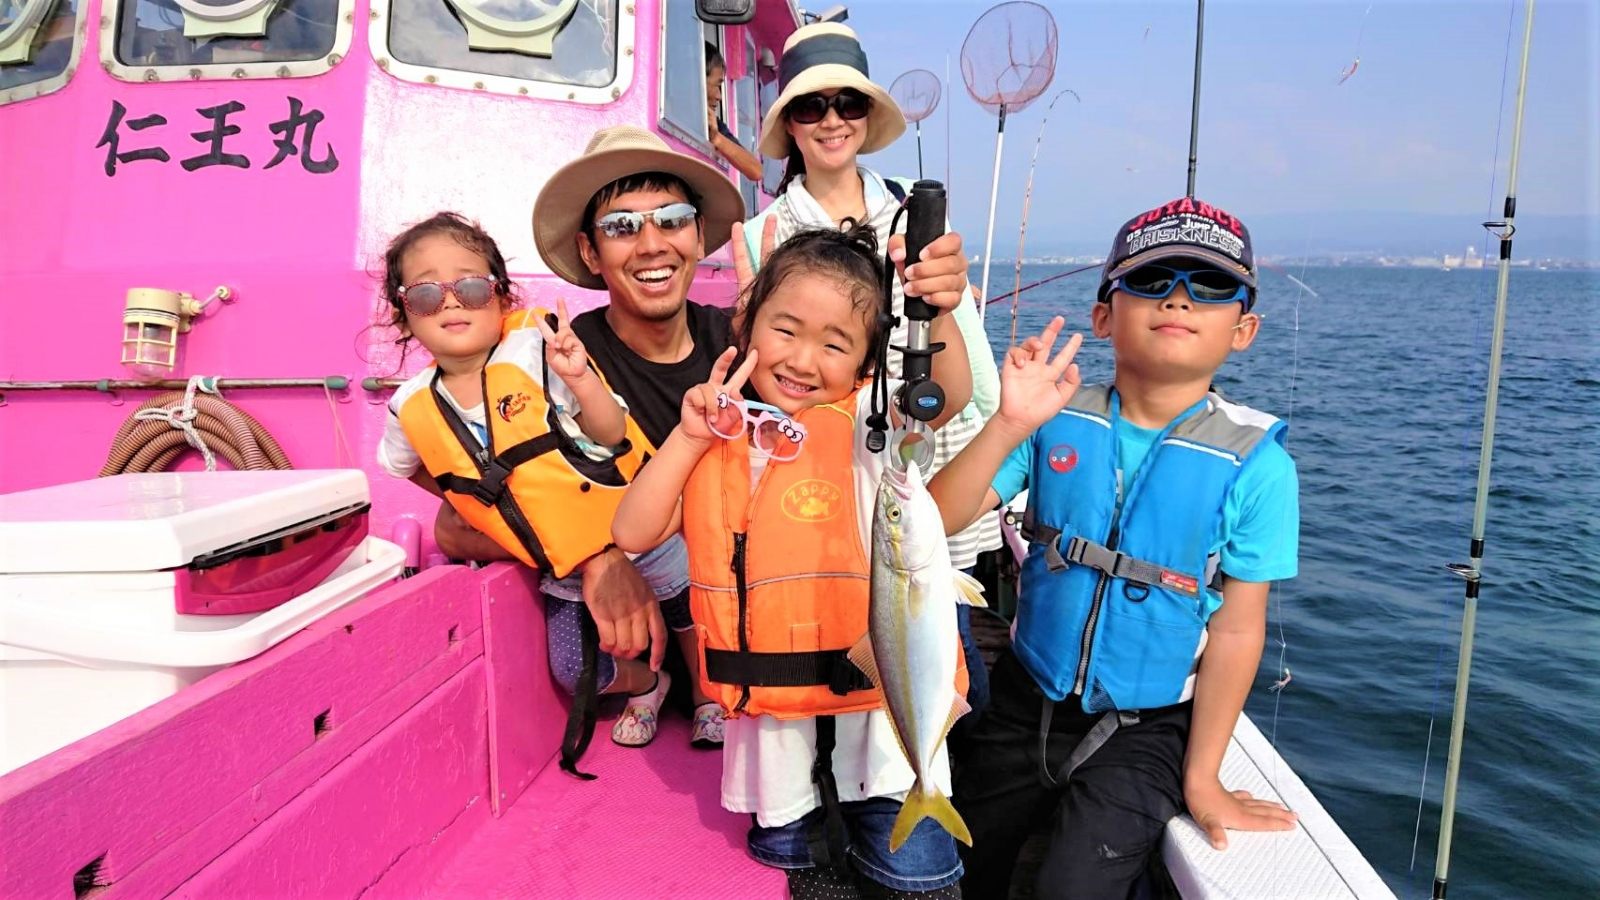 Familyfishing2_20190820105101